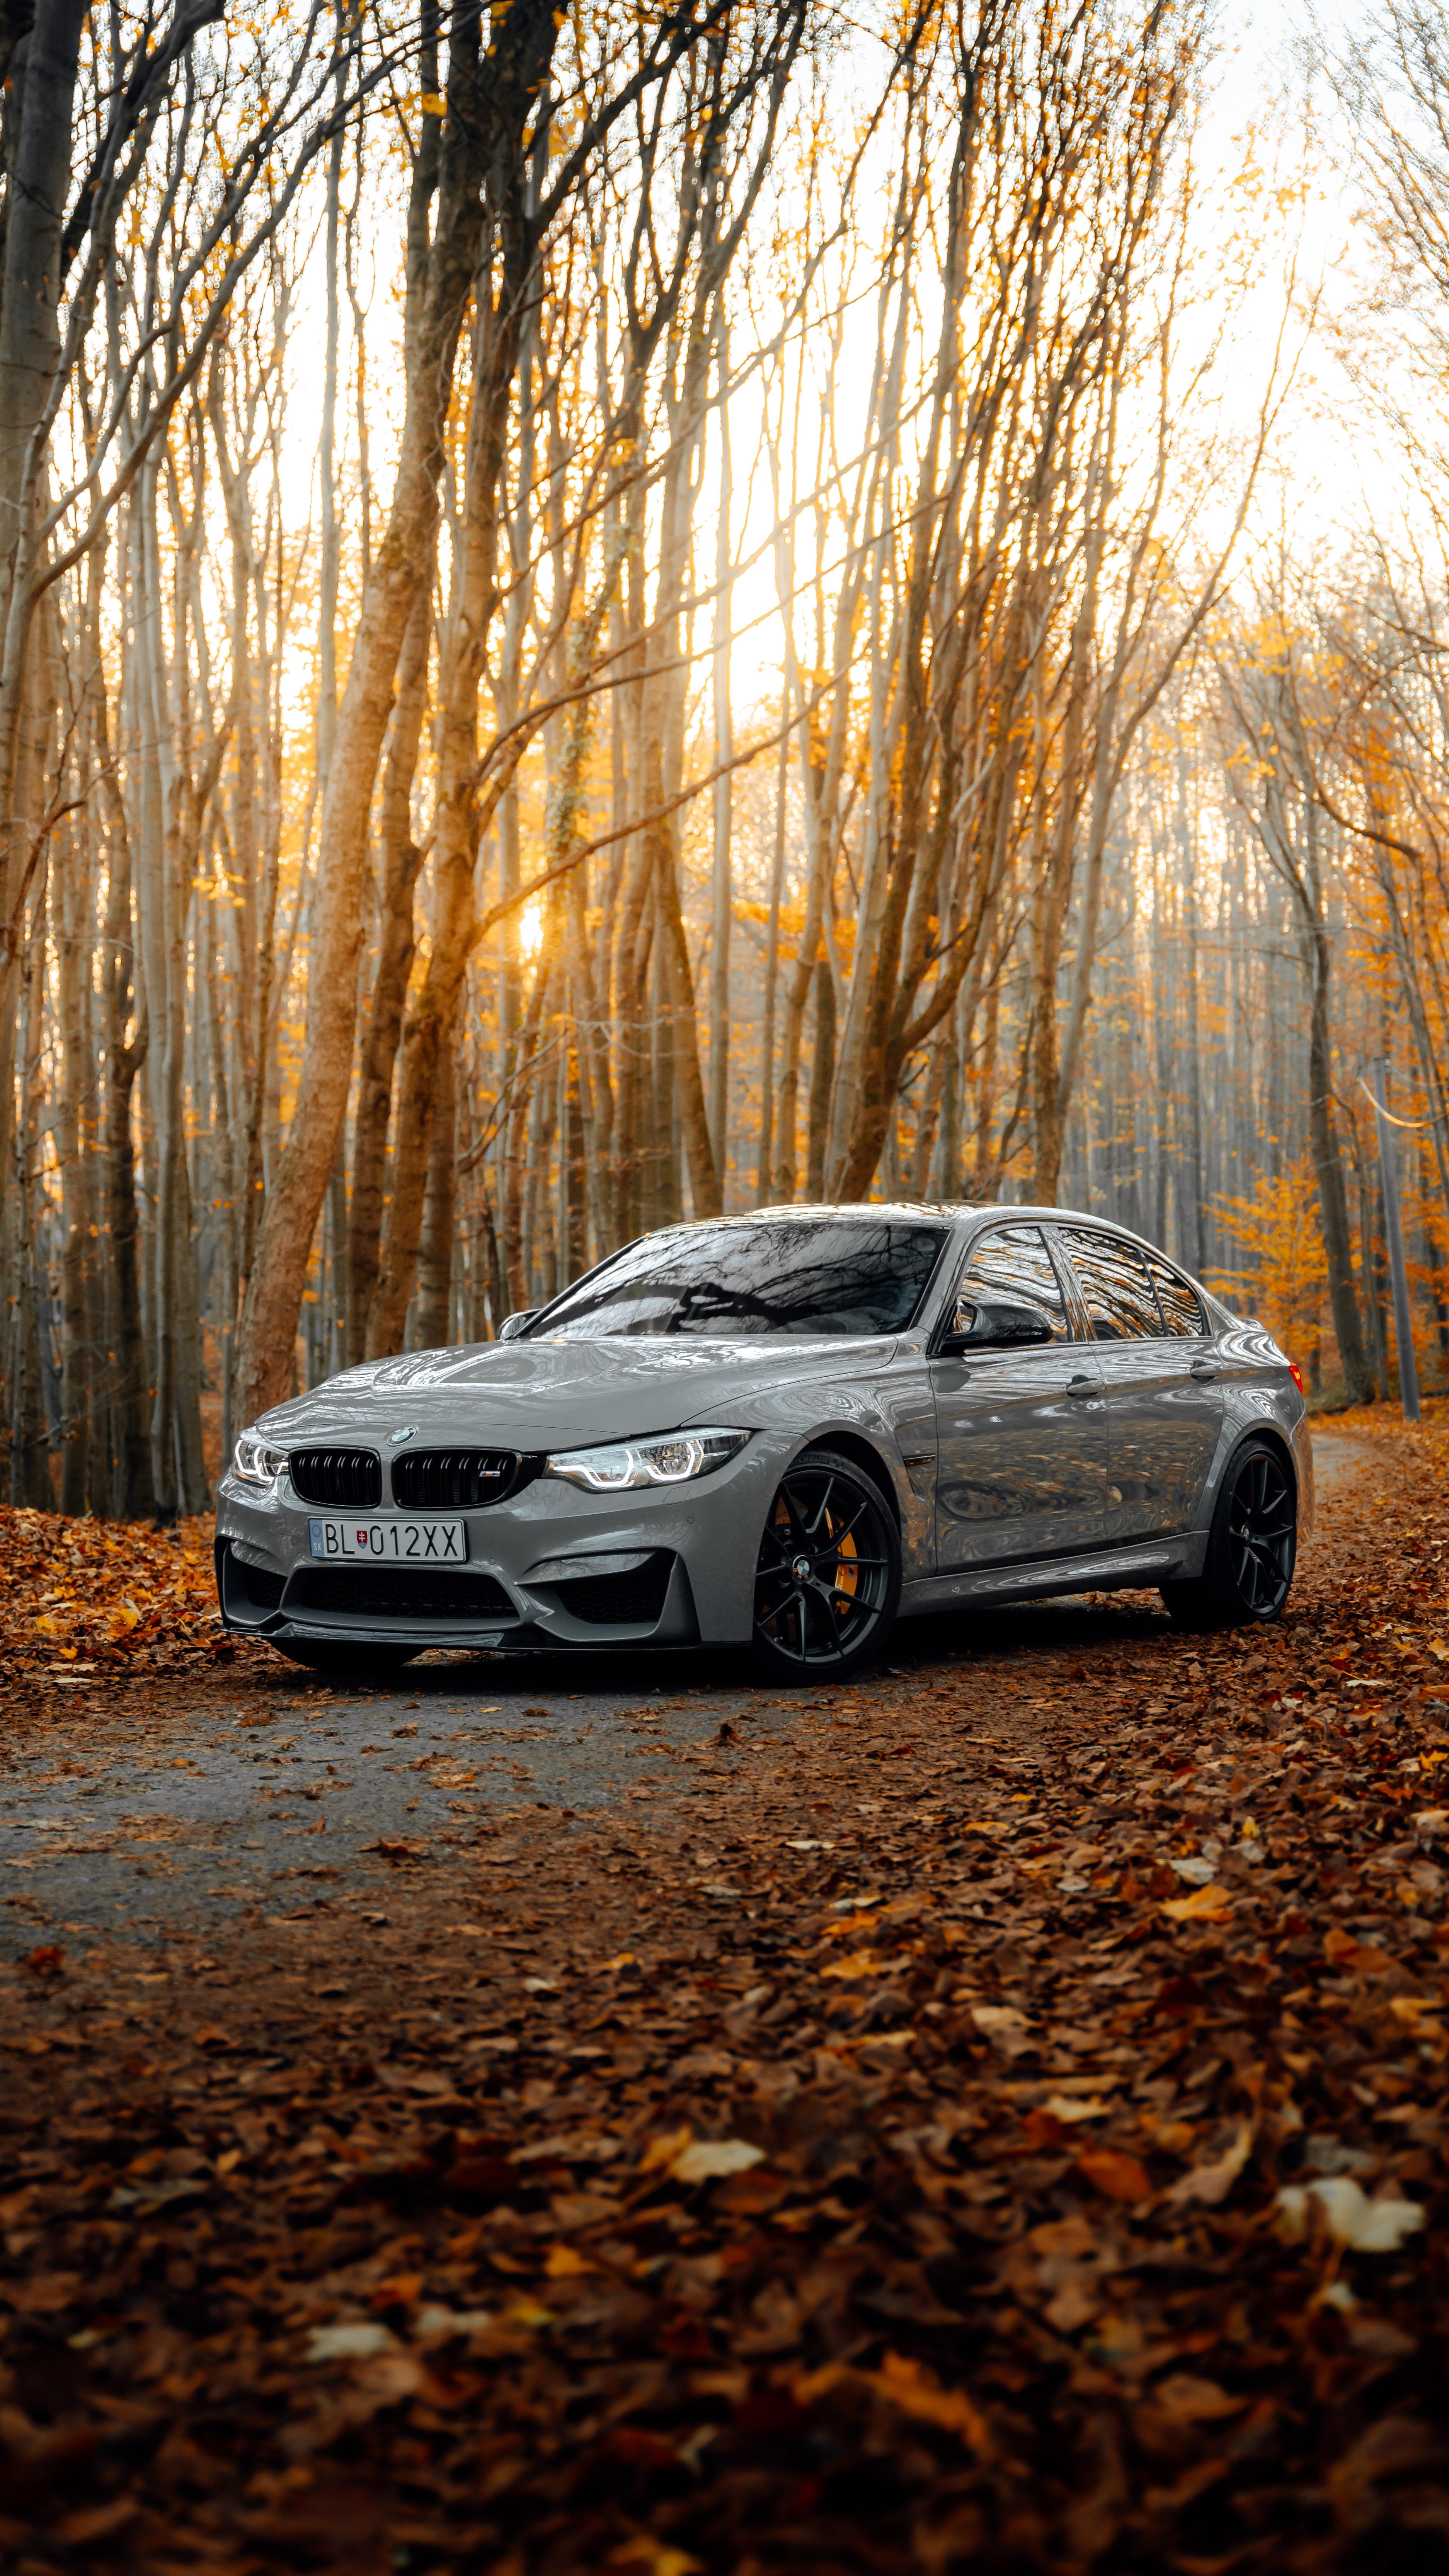 122065 скачать обои Бмв (Bmw), Осень, Вид Сбоку, Тачки (Cars), Автомобиль, Bmw M3, Лес, Серый - заставки и картинки бесплатно